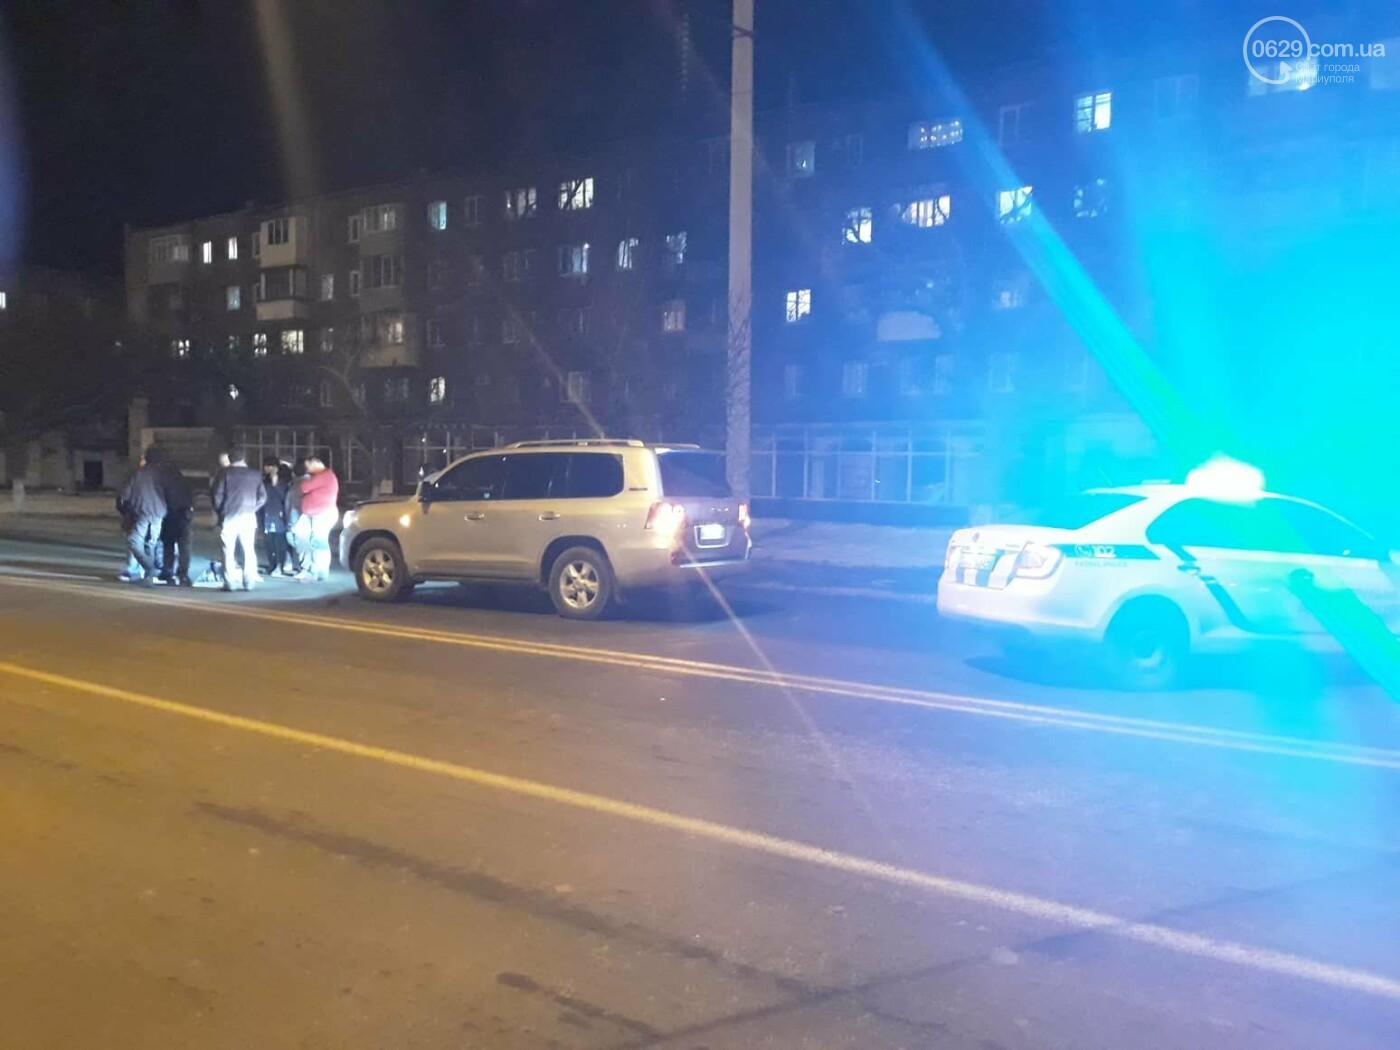 В Мариуполе внедорожник сбил женщину, - ФОТО, ВИДЕО, фото-2